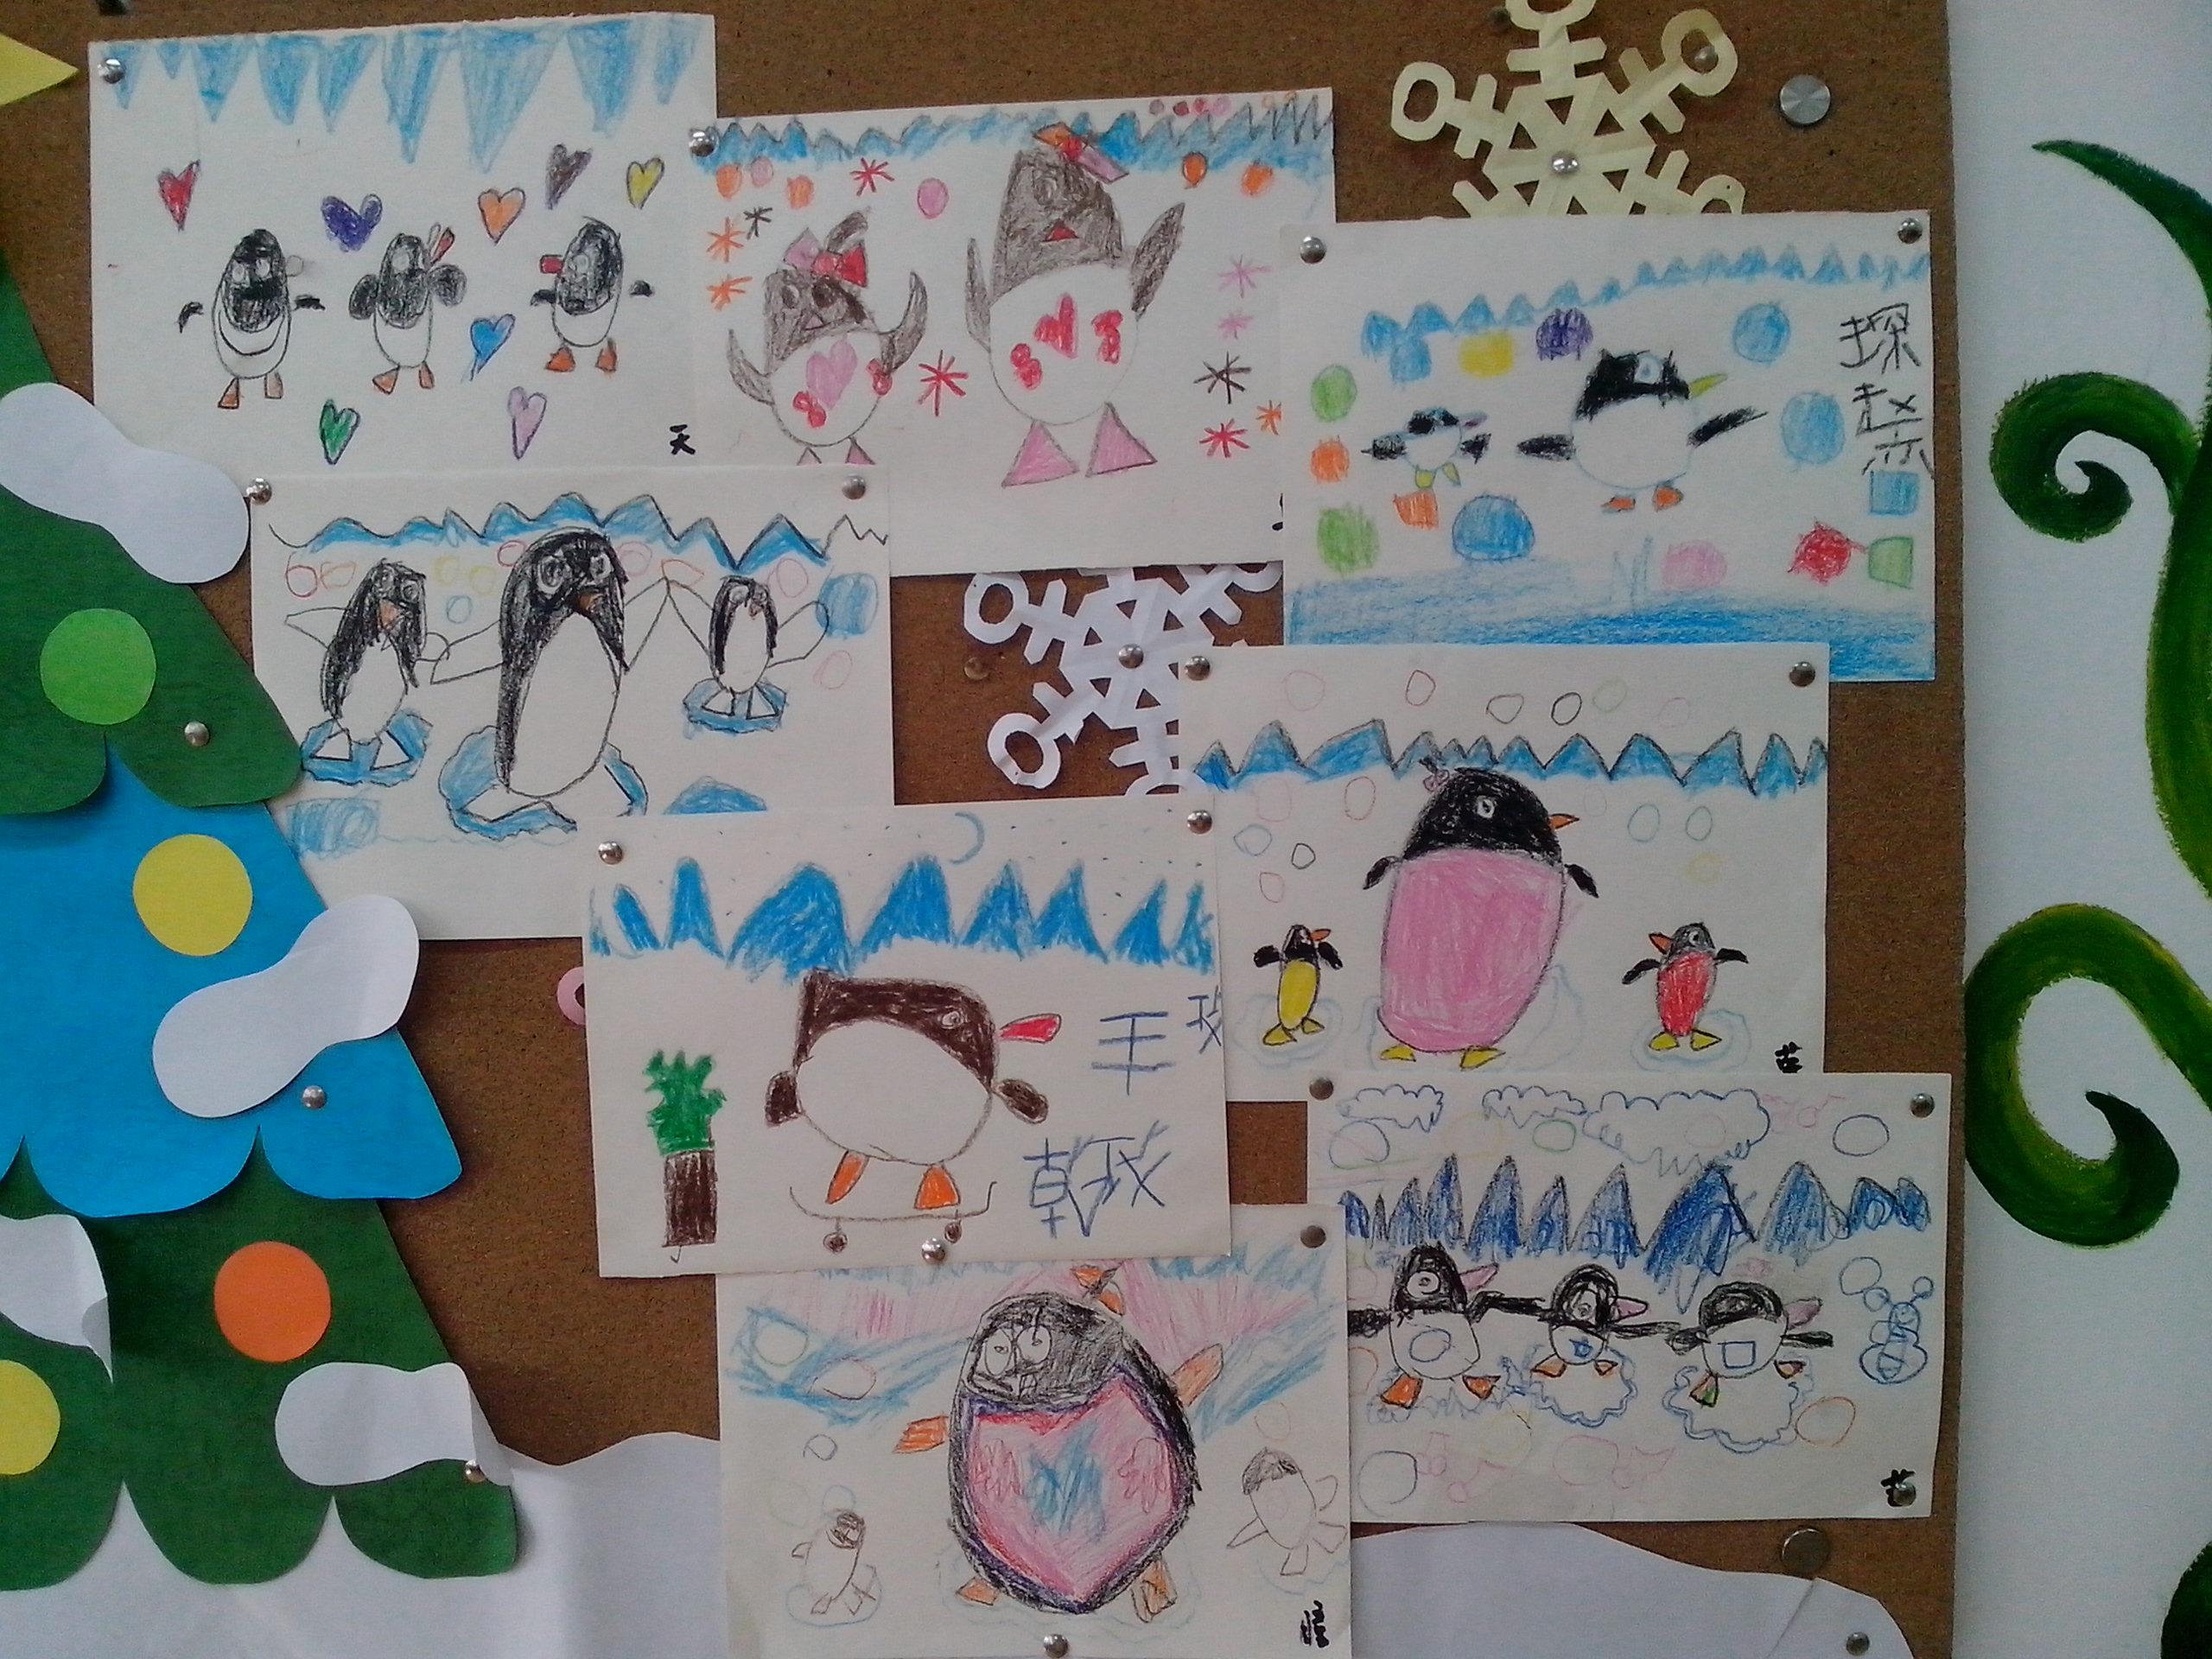 企鹅儿童画作画步骤